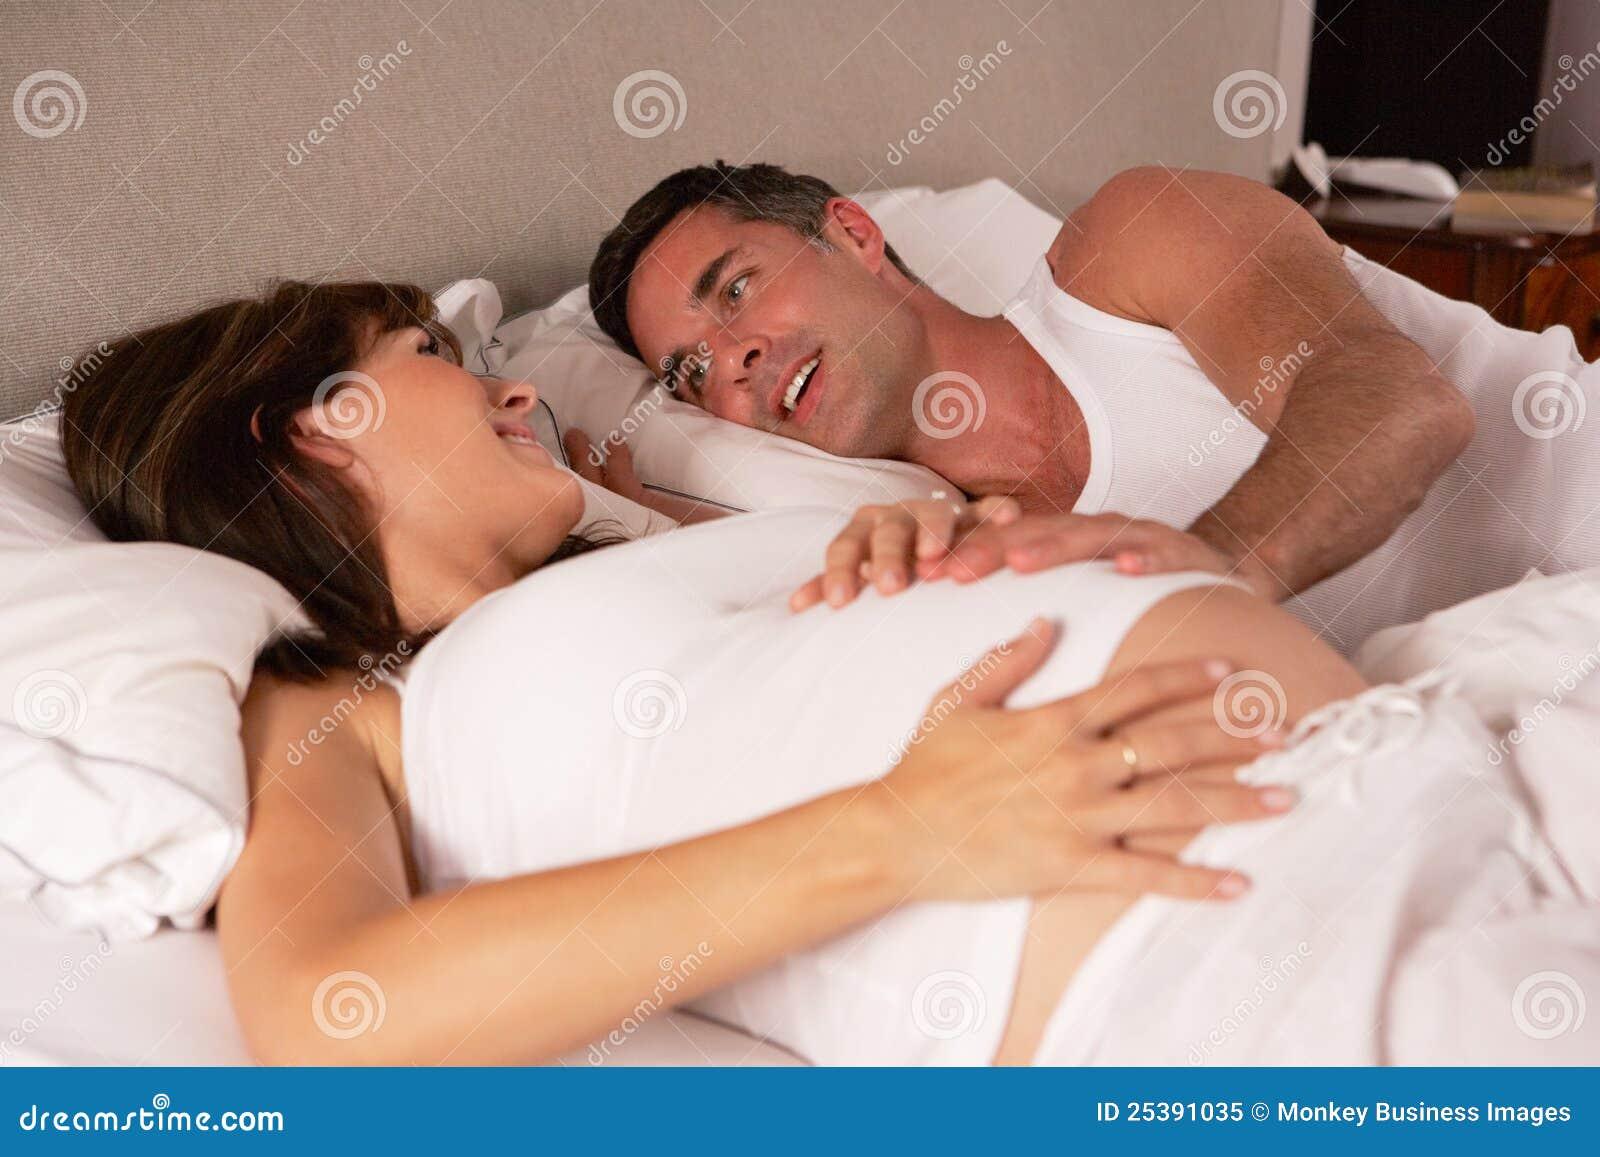 Секс беременные в россии 11 фотография